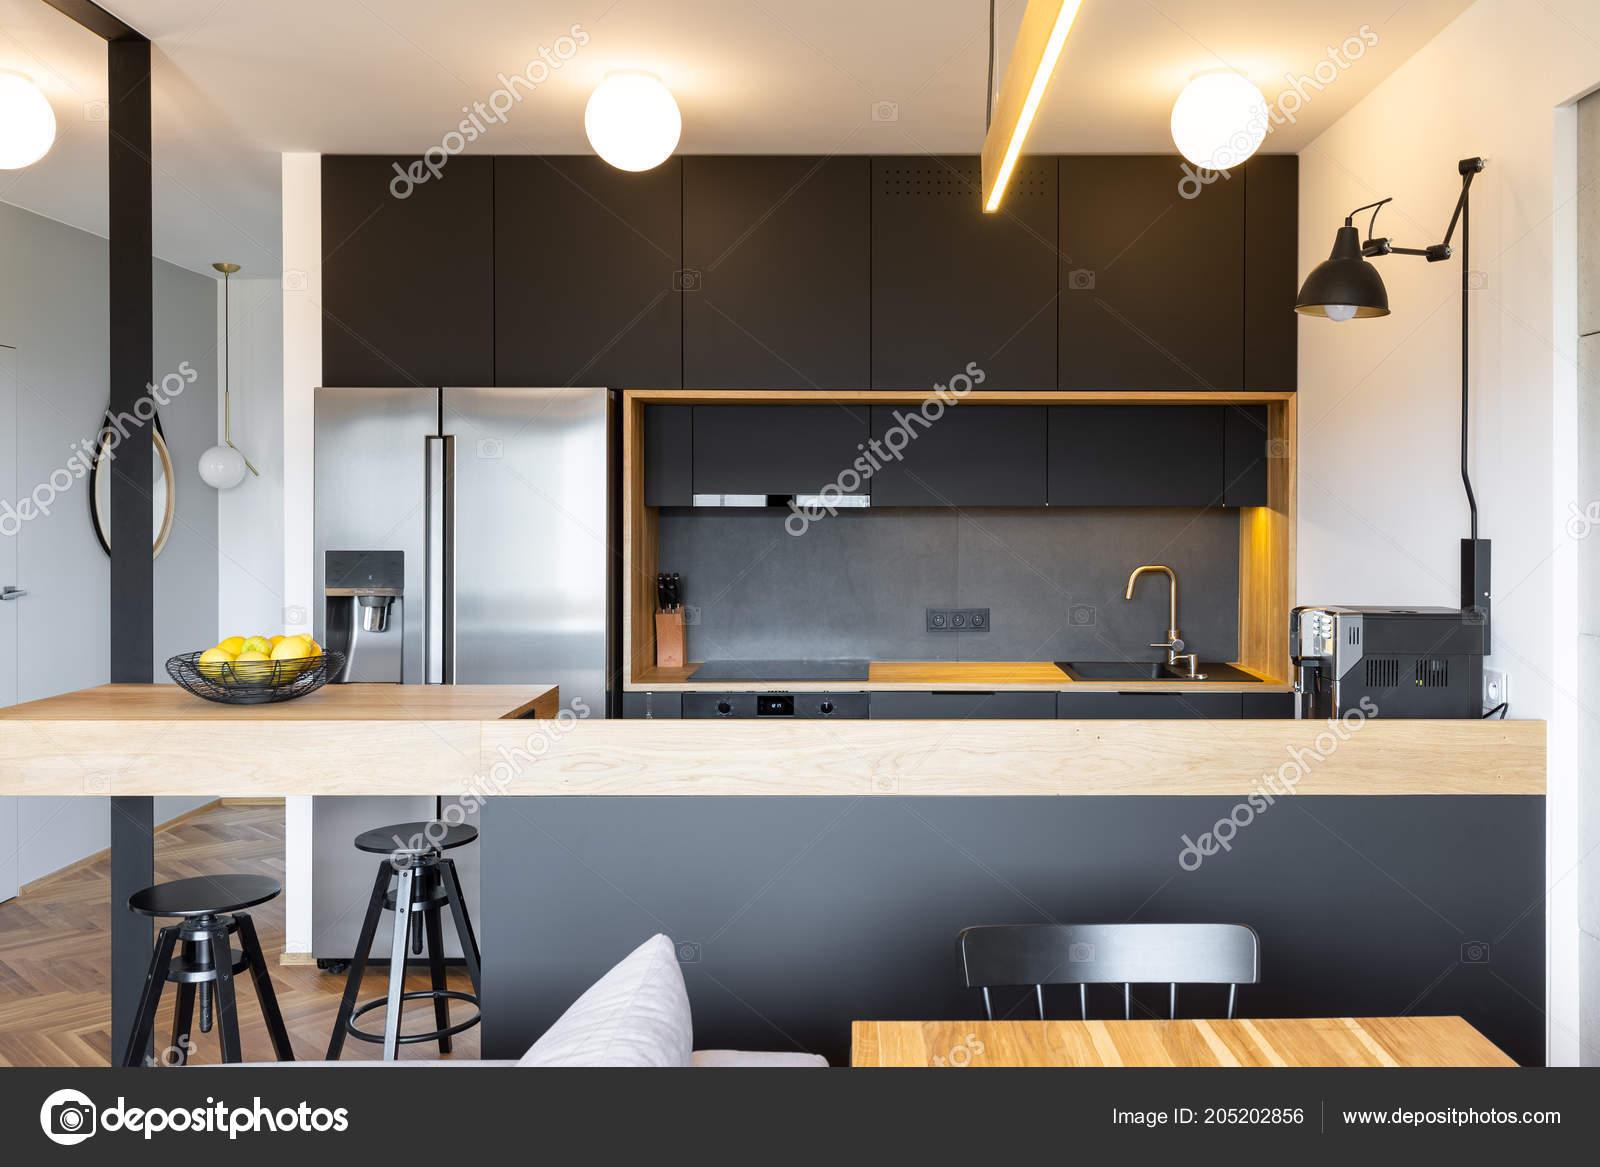 Industriele Lamp Keuken : Zwarte houten meubilair een industriële lamp boven een